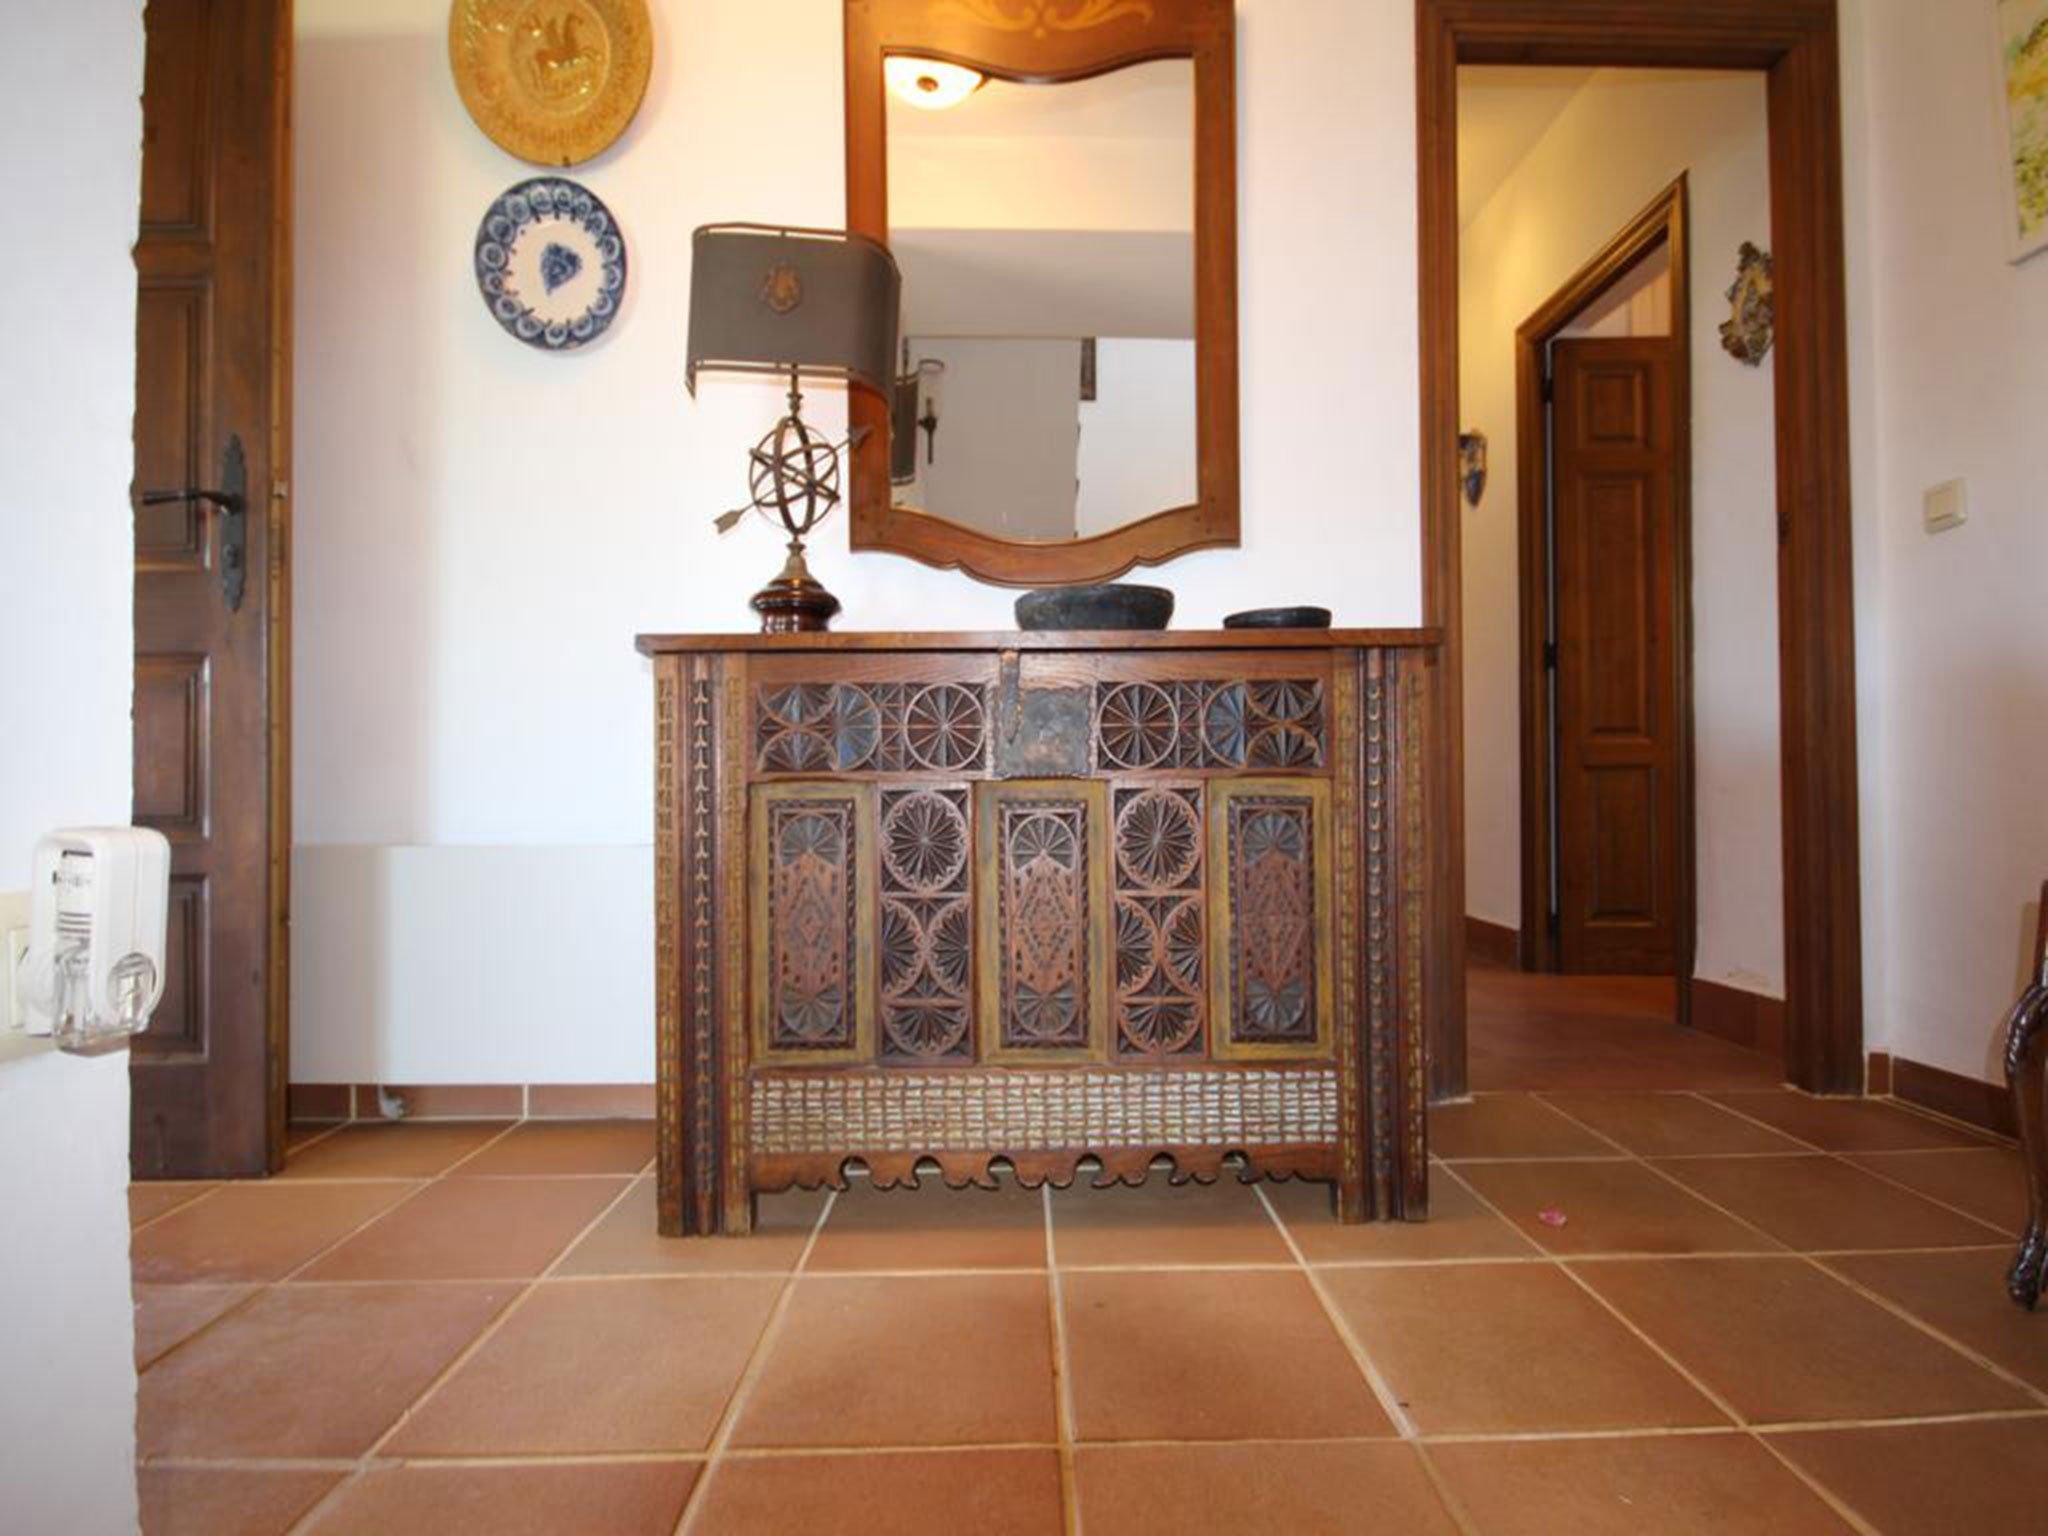 Detalle de una villa mediterránea en venta en Jávea con vistas al mar – Atina Inmobiliaria